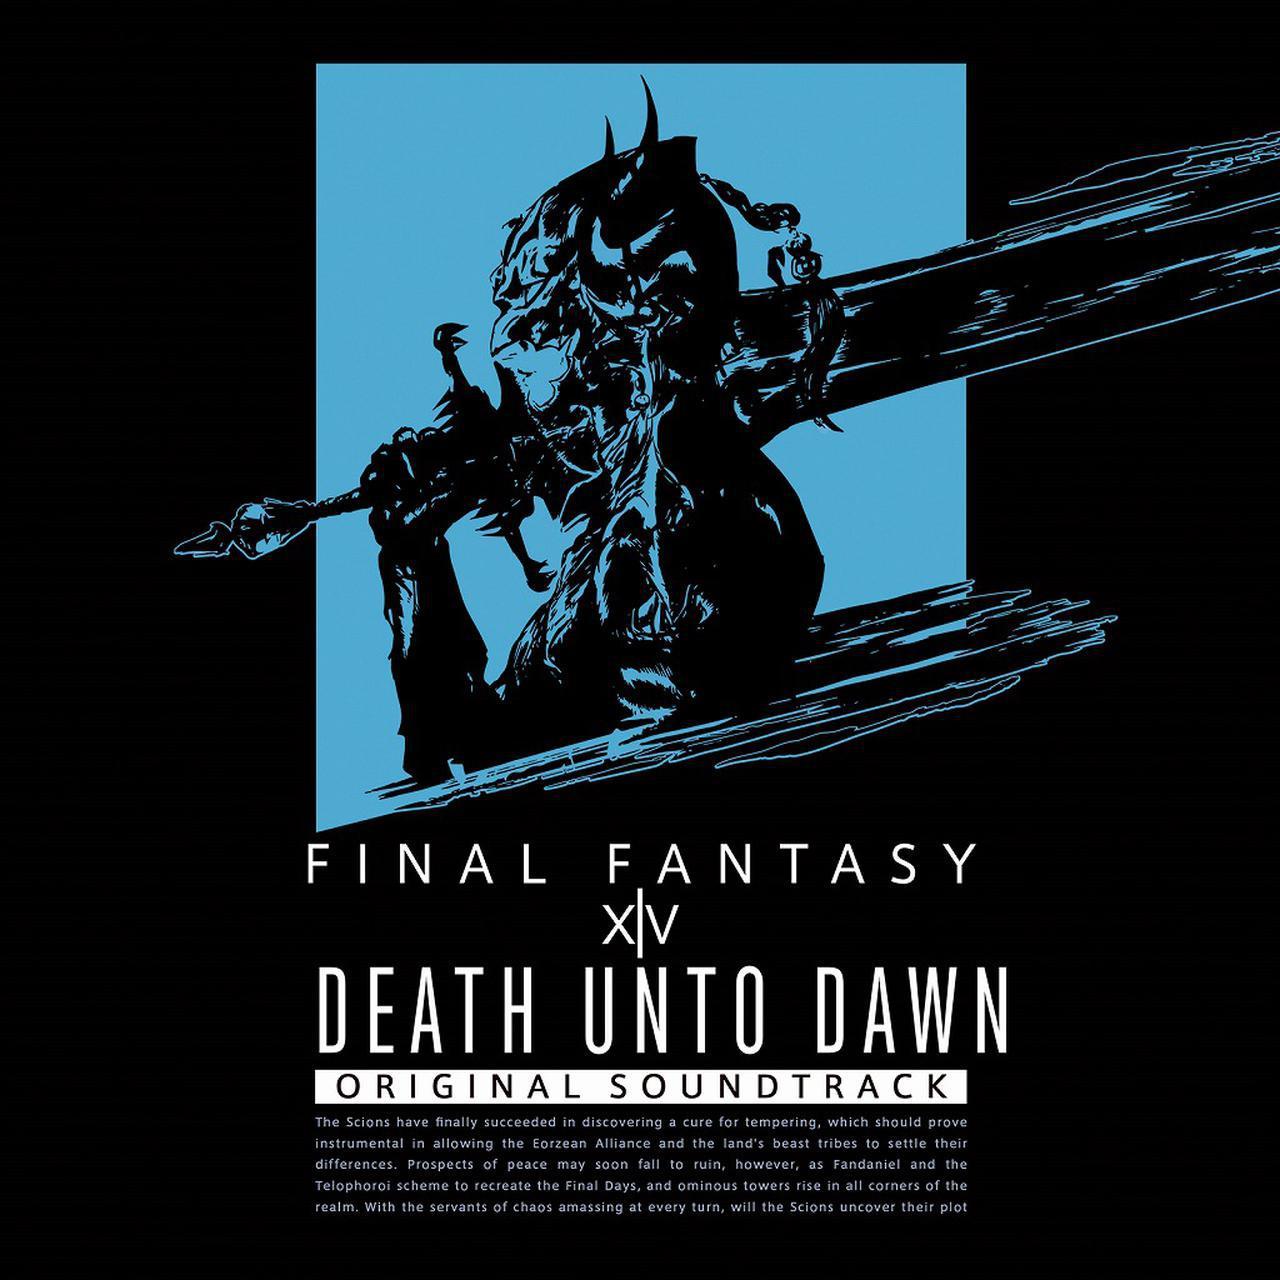 画像: DEATH UNTO DAWN: FINAL FANTASY XIV Original Soundtrack / 祖堅 正慶